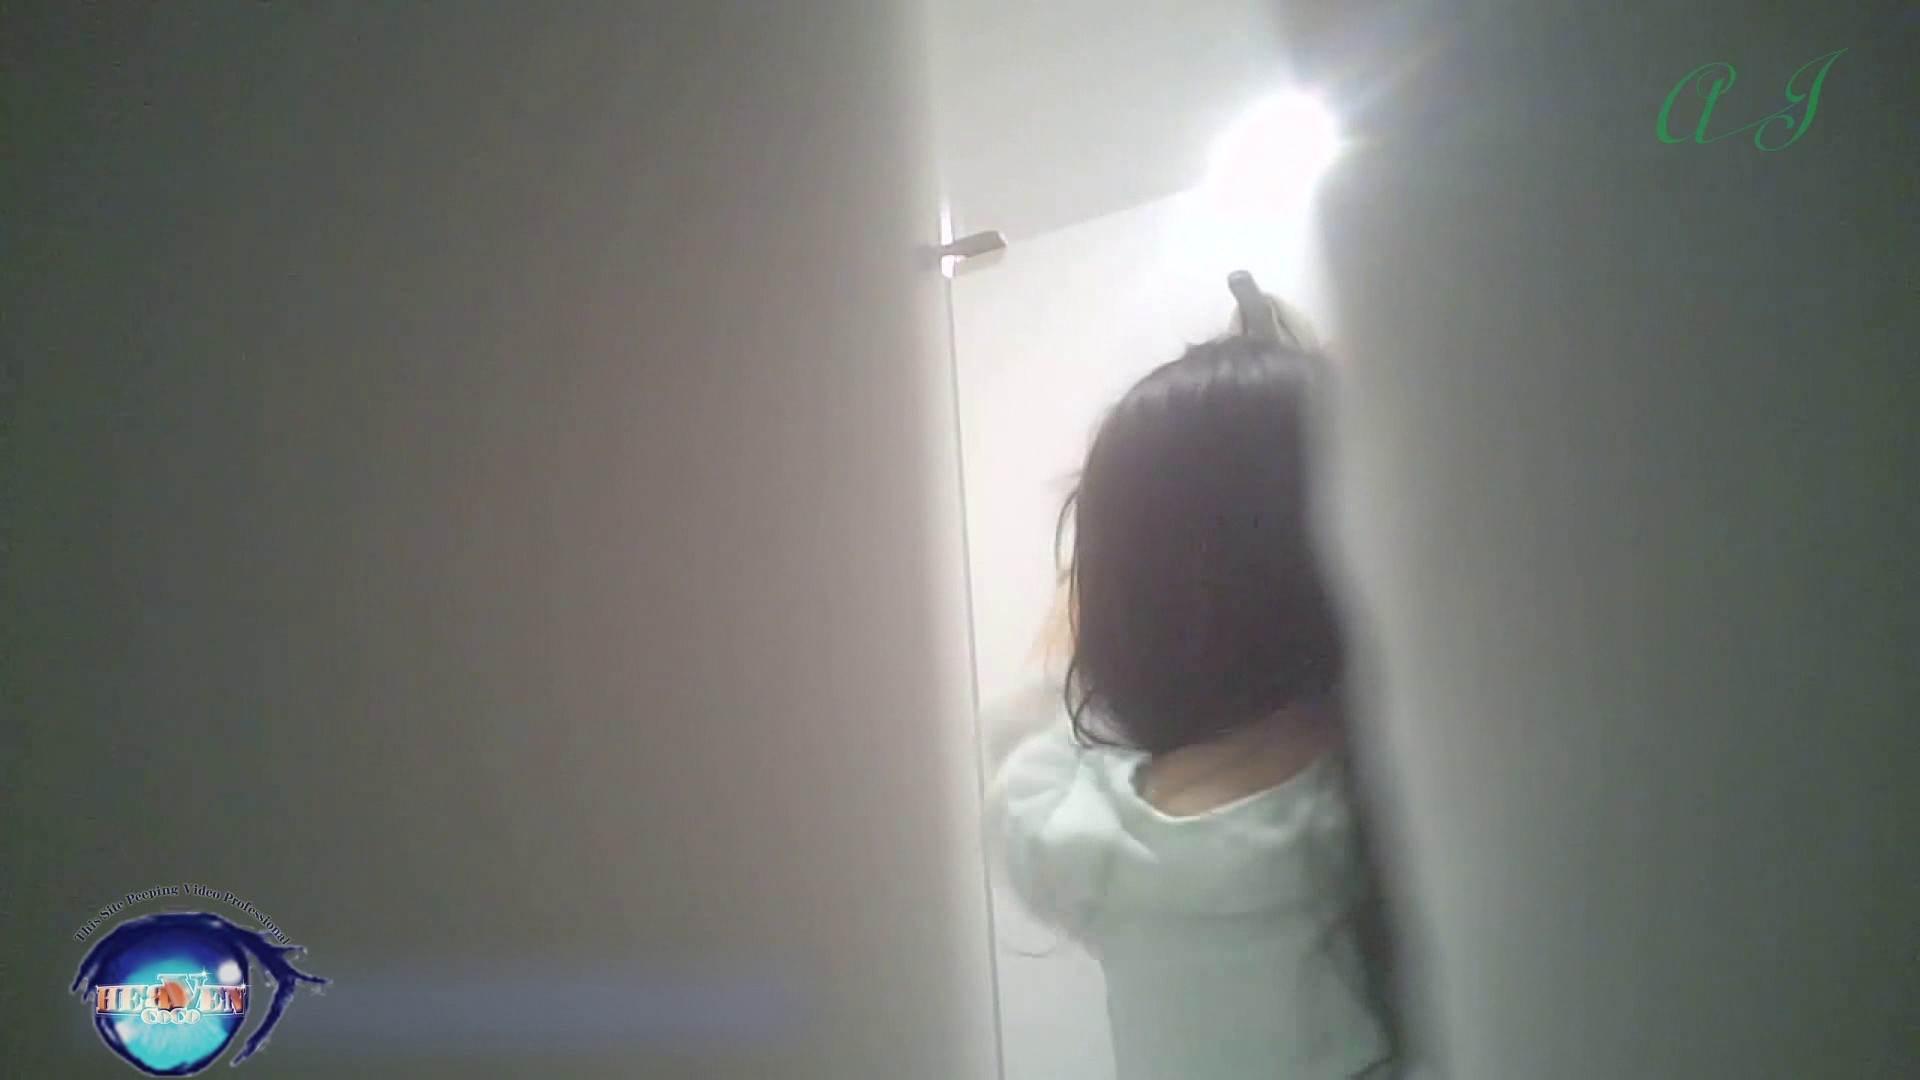 有名大学女性洗面所 vol.71 美女学生さんの潜入盗撮!前編